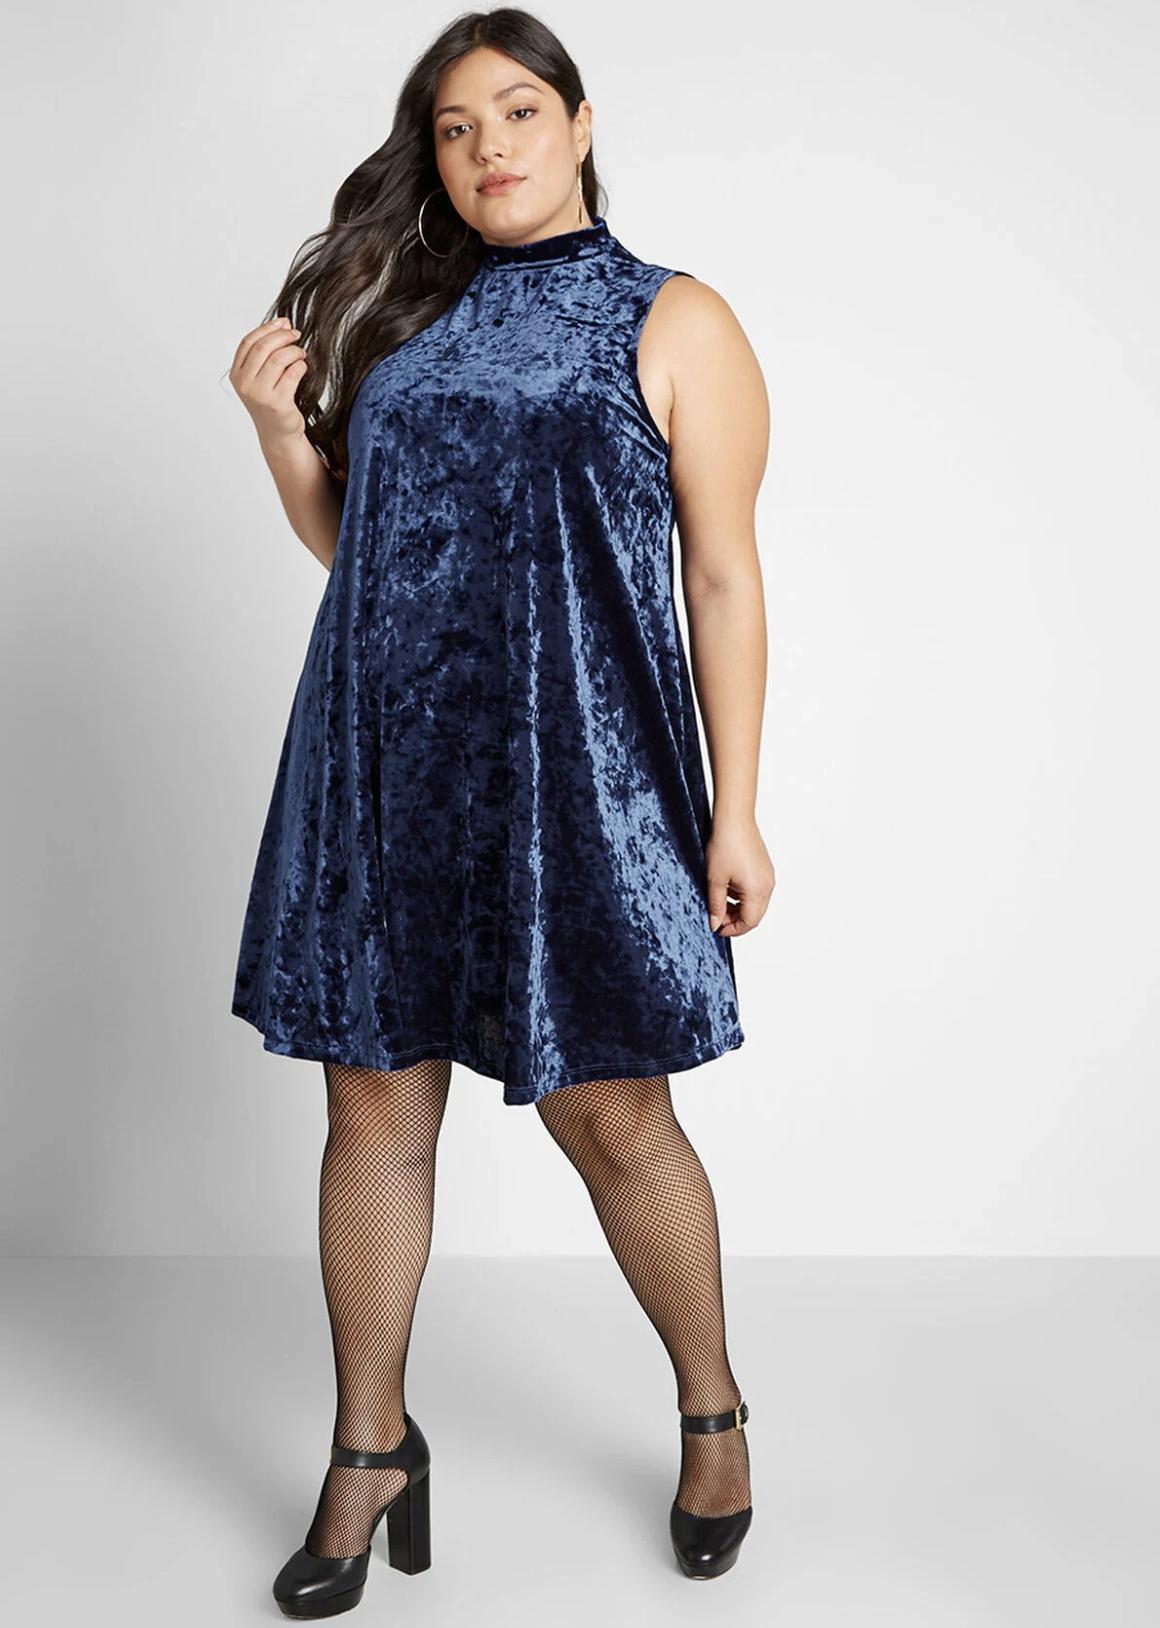 Model in a blue velvet sleeveless mock neck swing dress